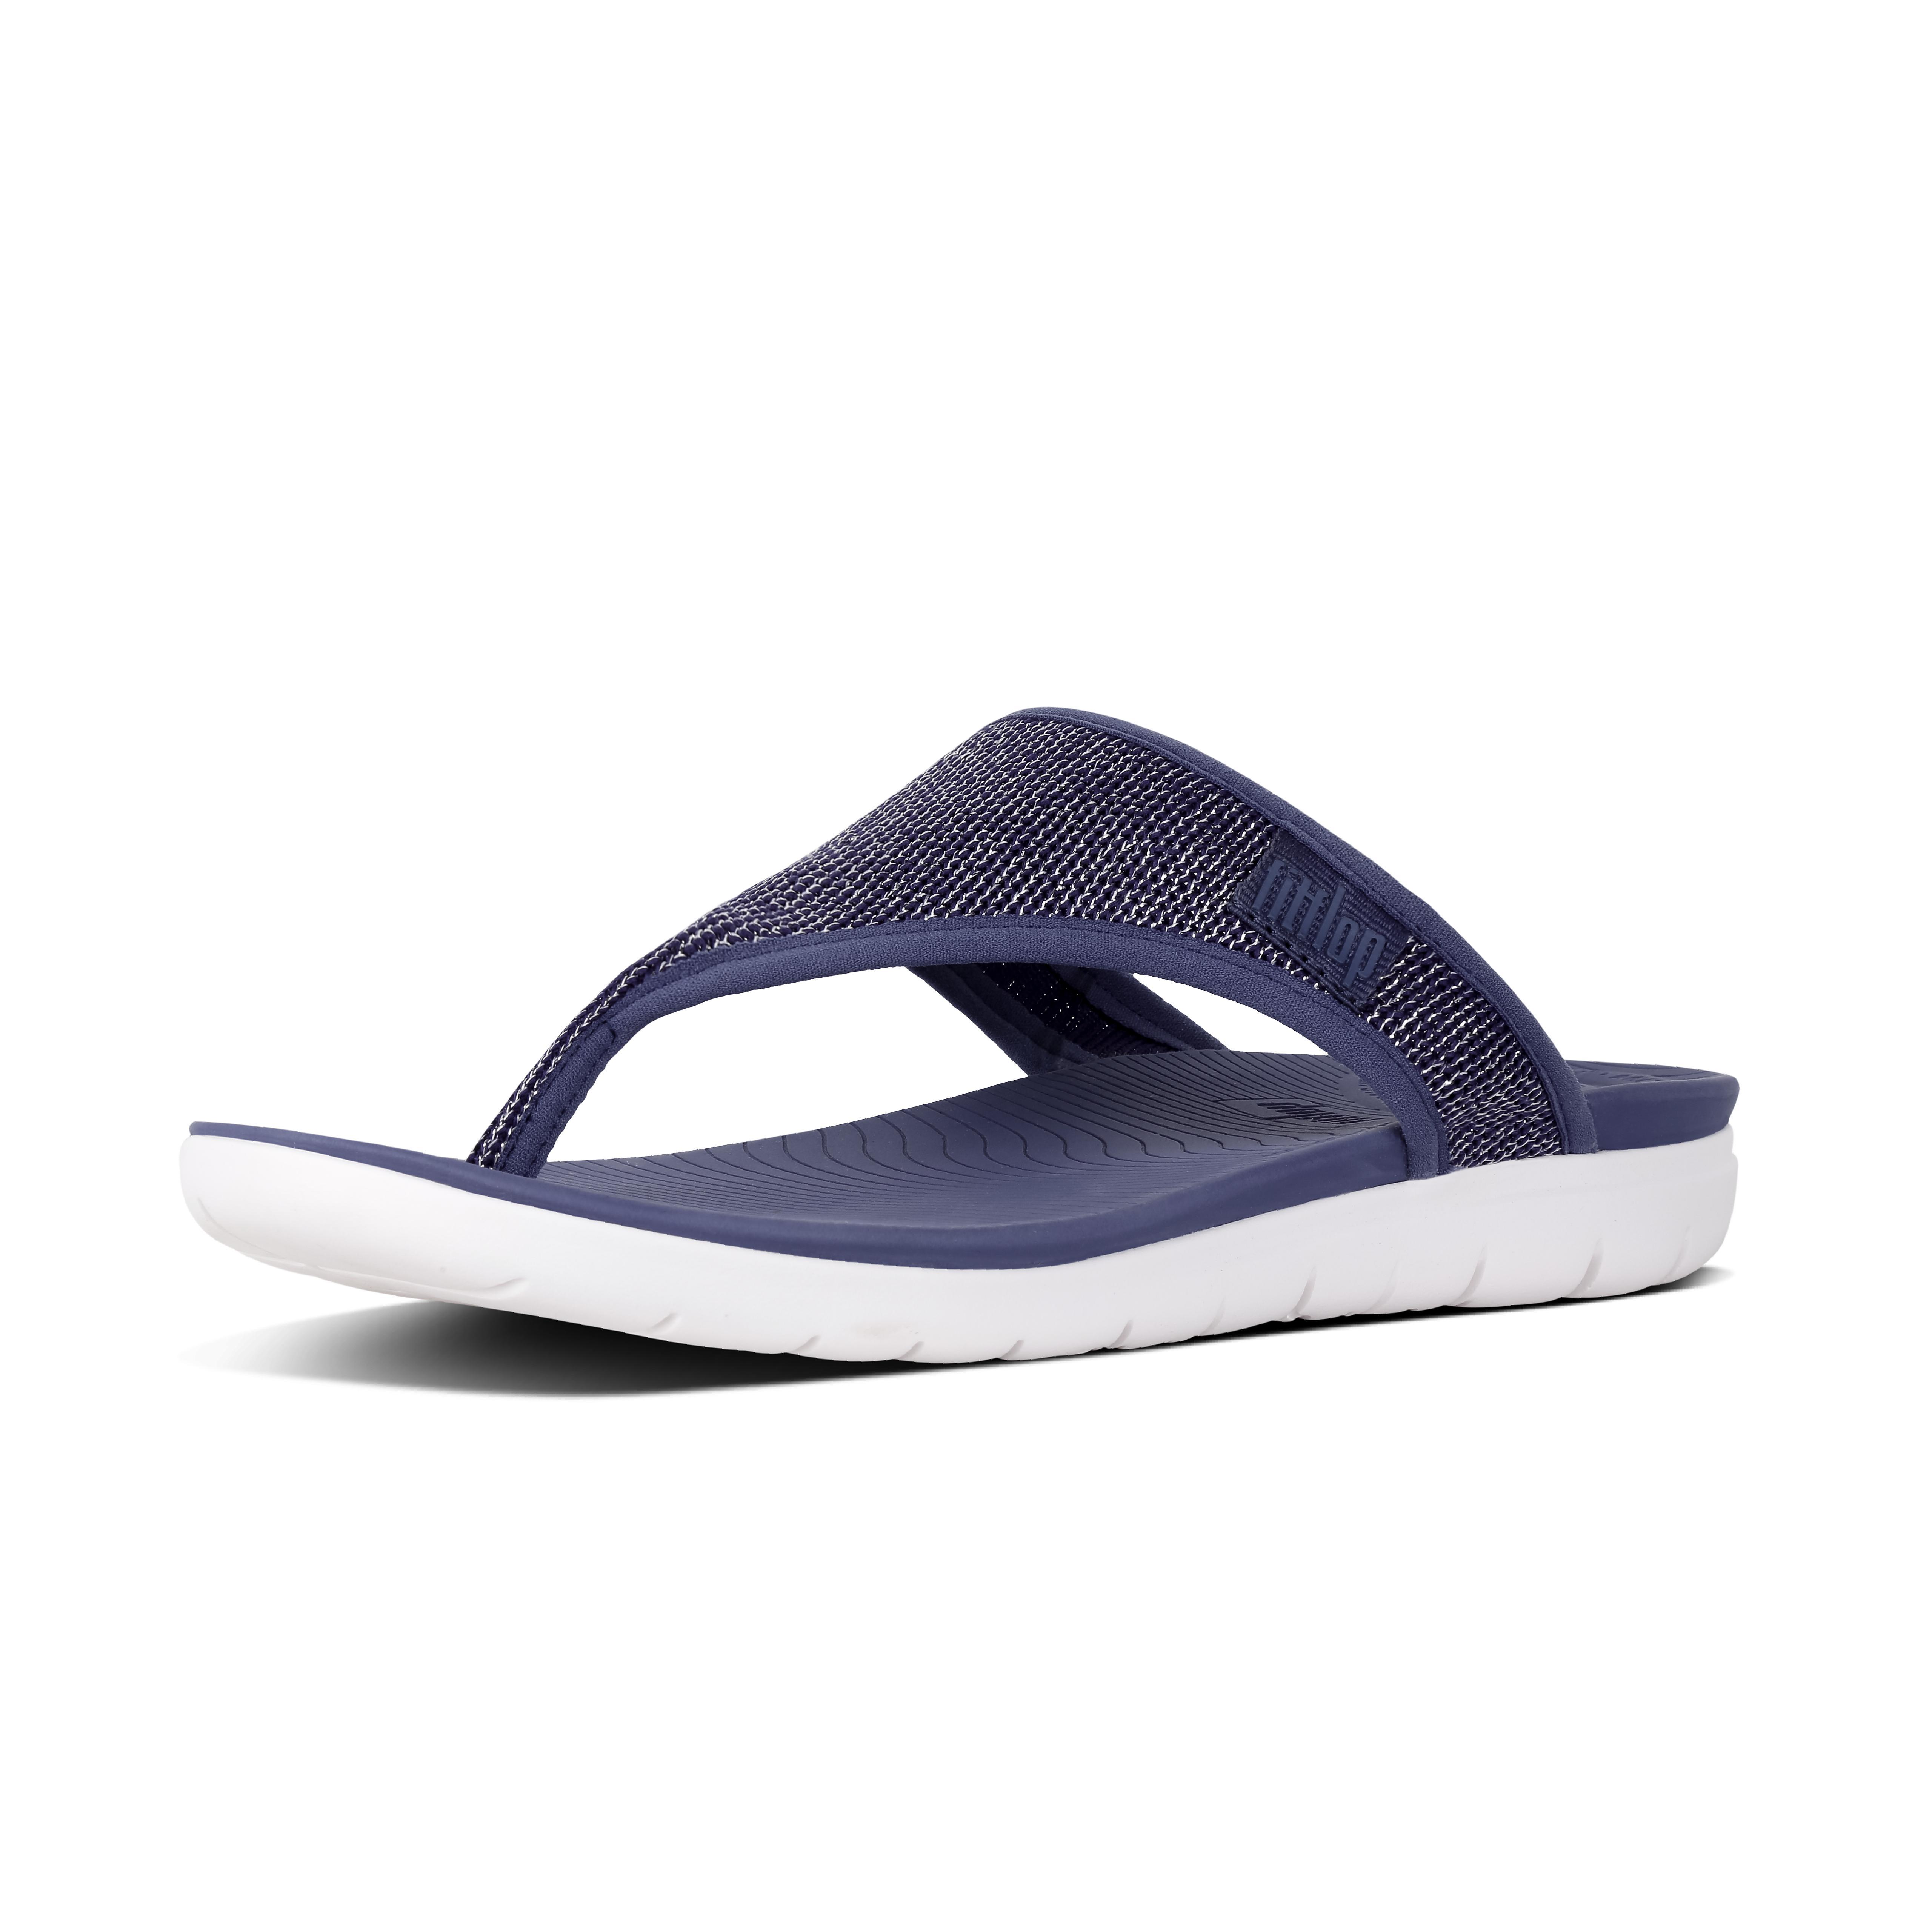 Uberknit toe thong sandals indian blue metallic m46 613?v=3